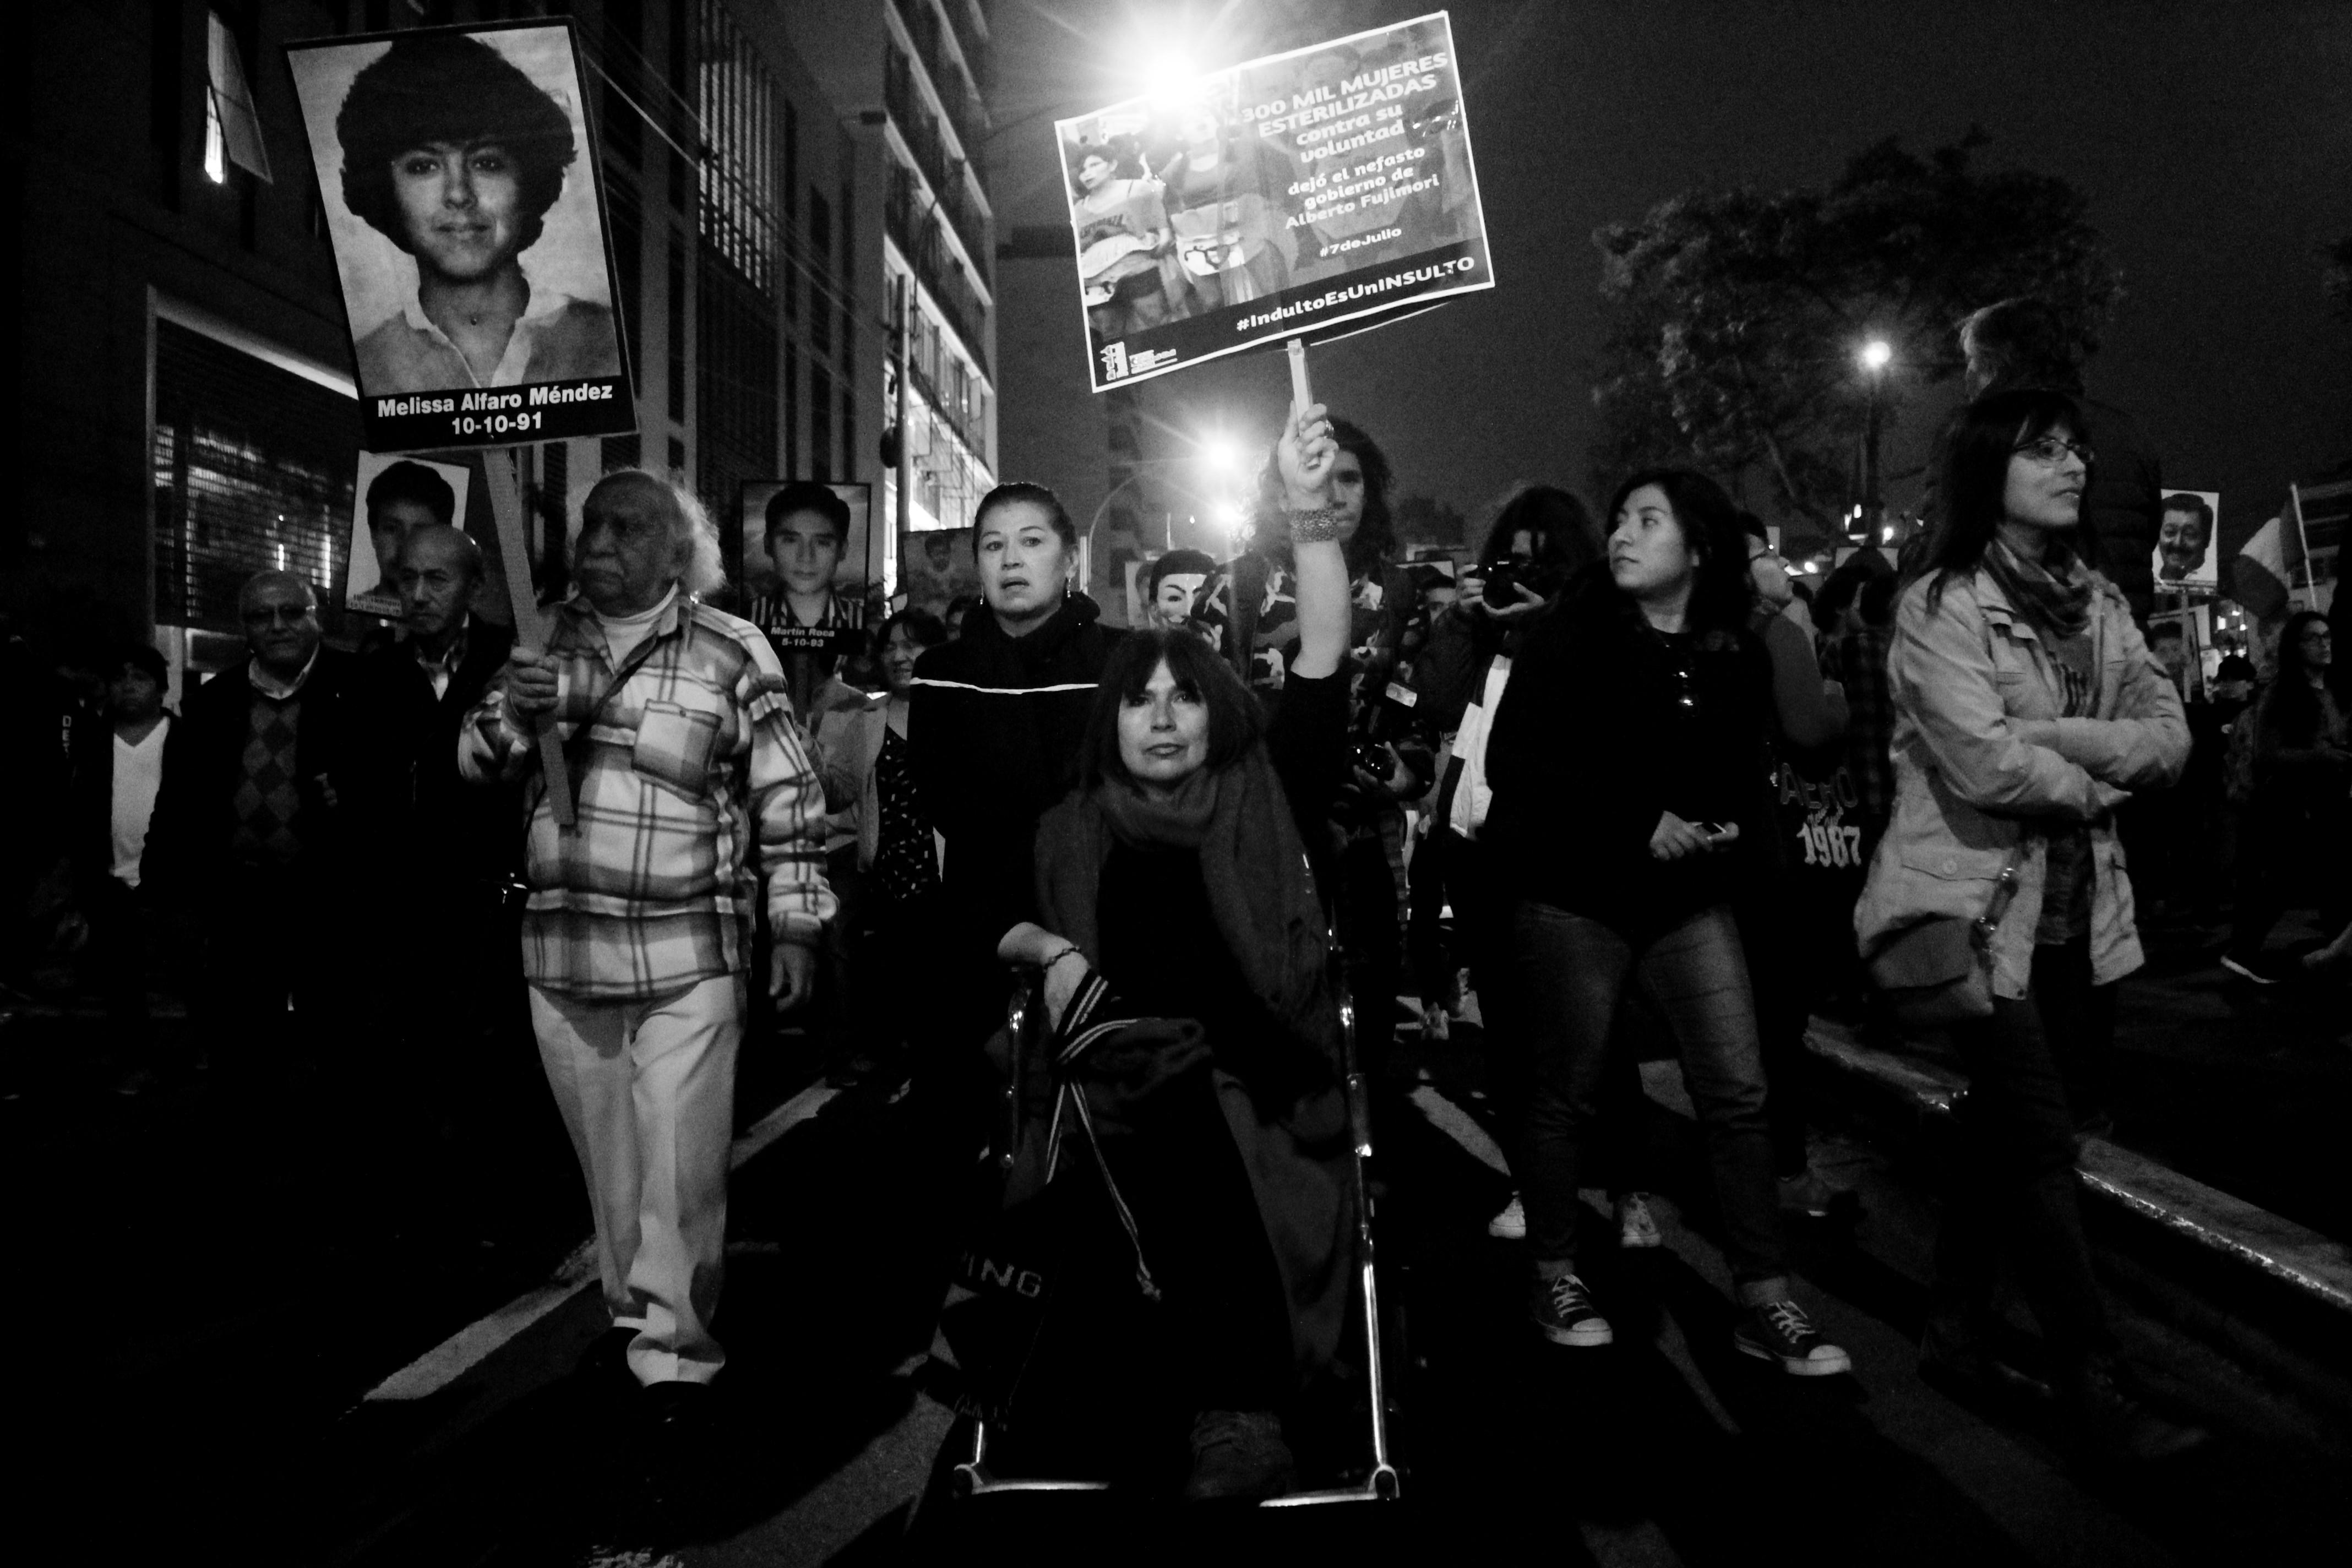 [GALERÍA] Ni olvido ni perdón: Así se vivió la marcha contra el indulto a Fujimori